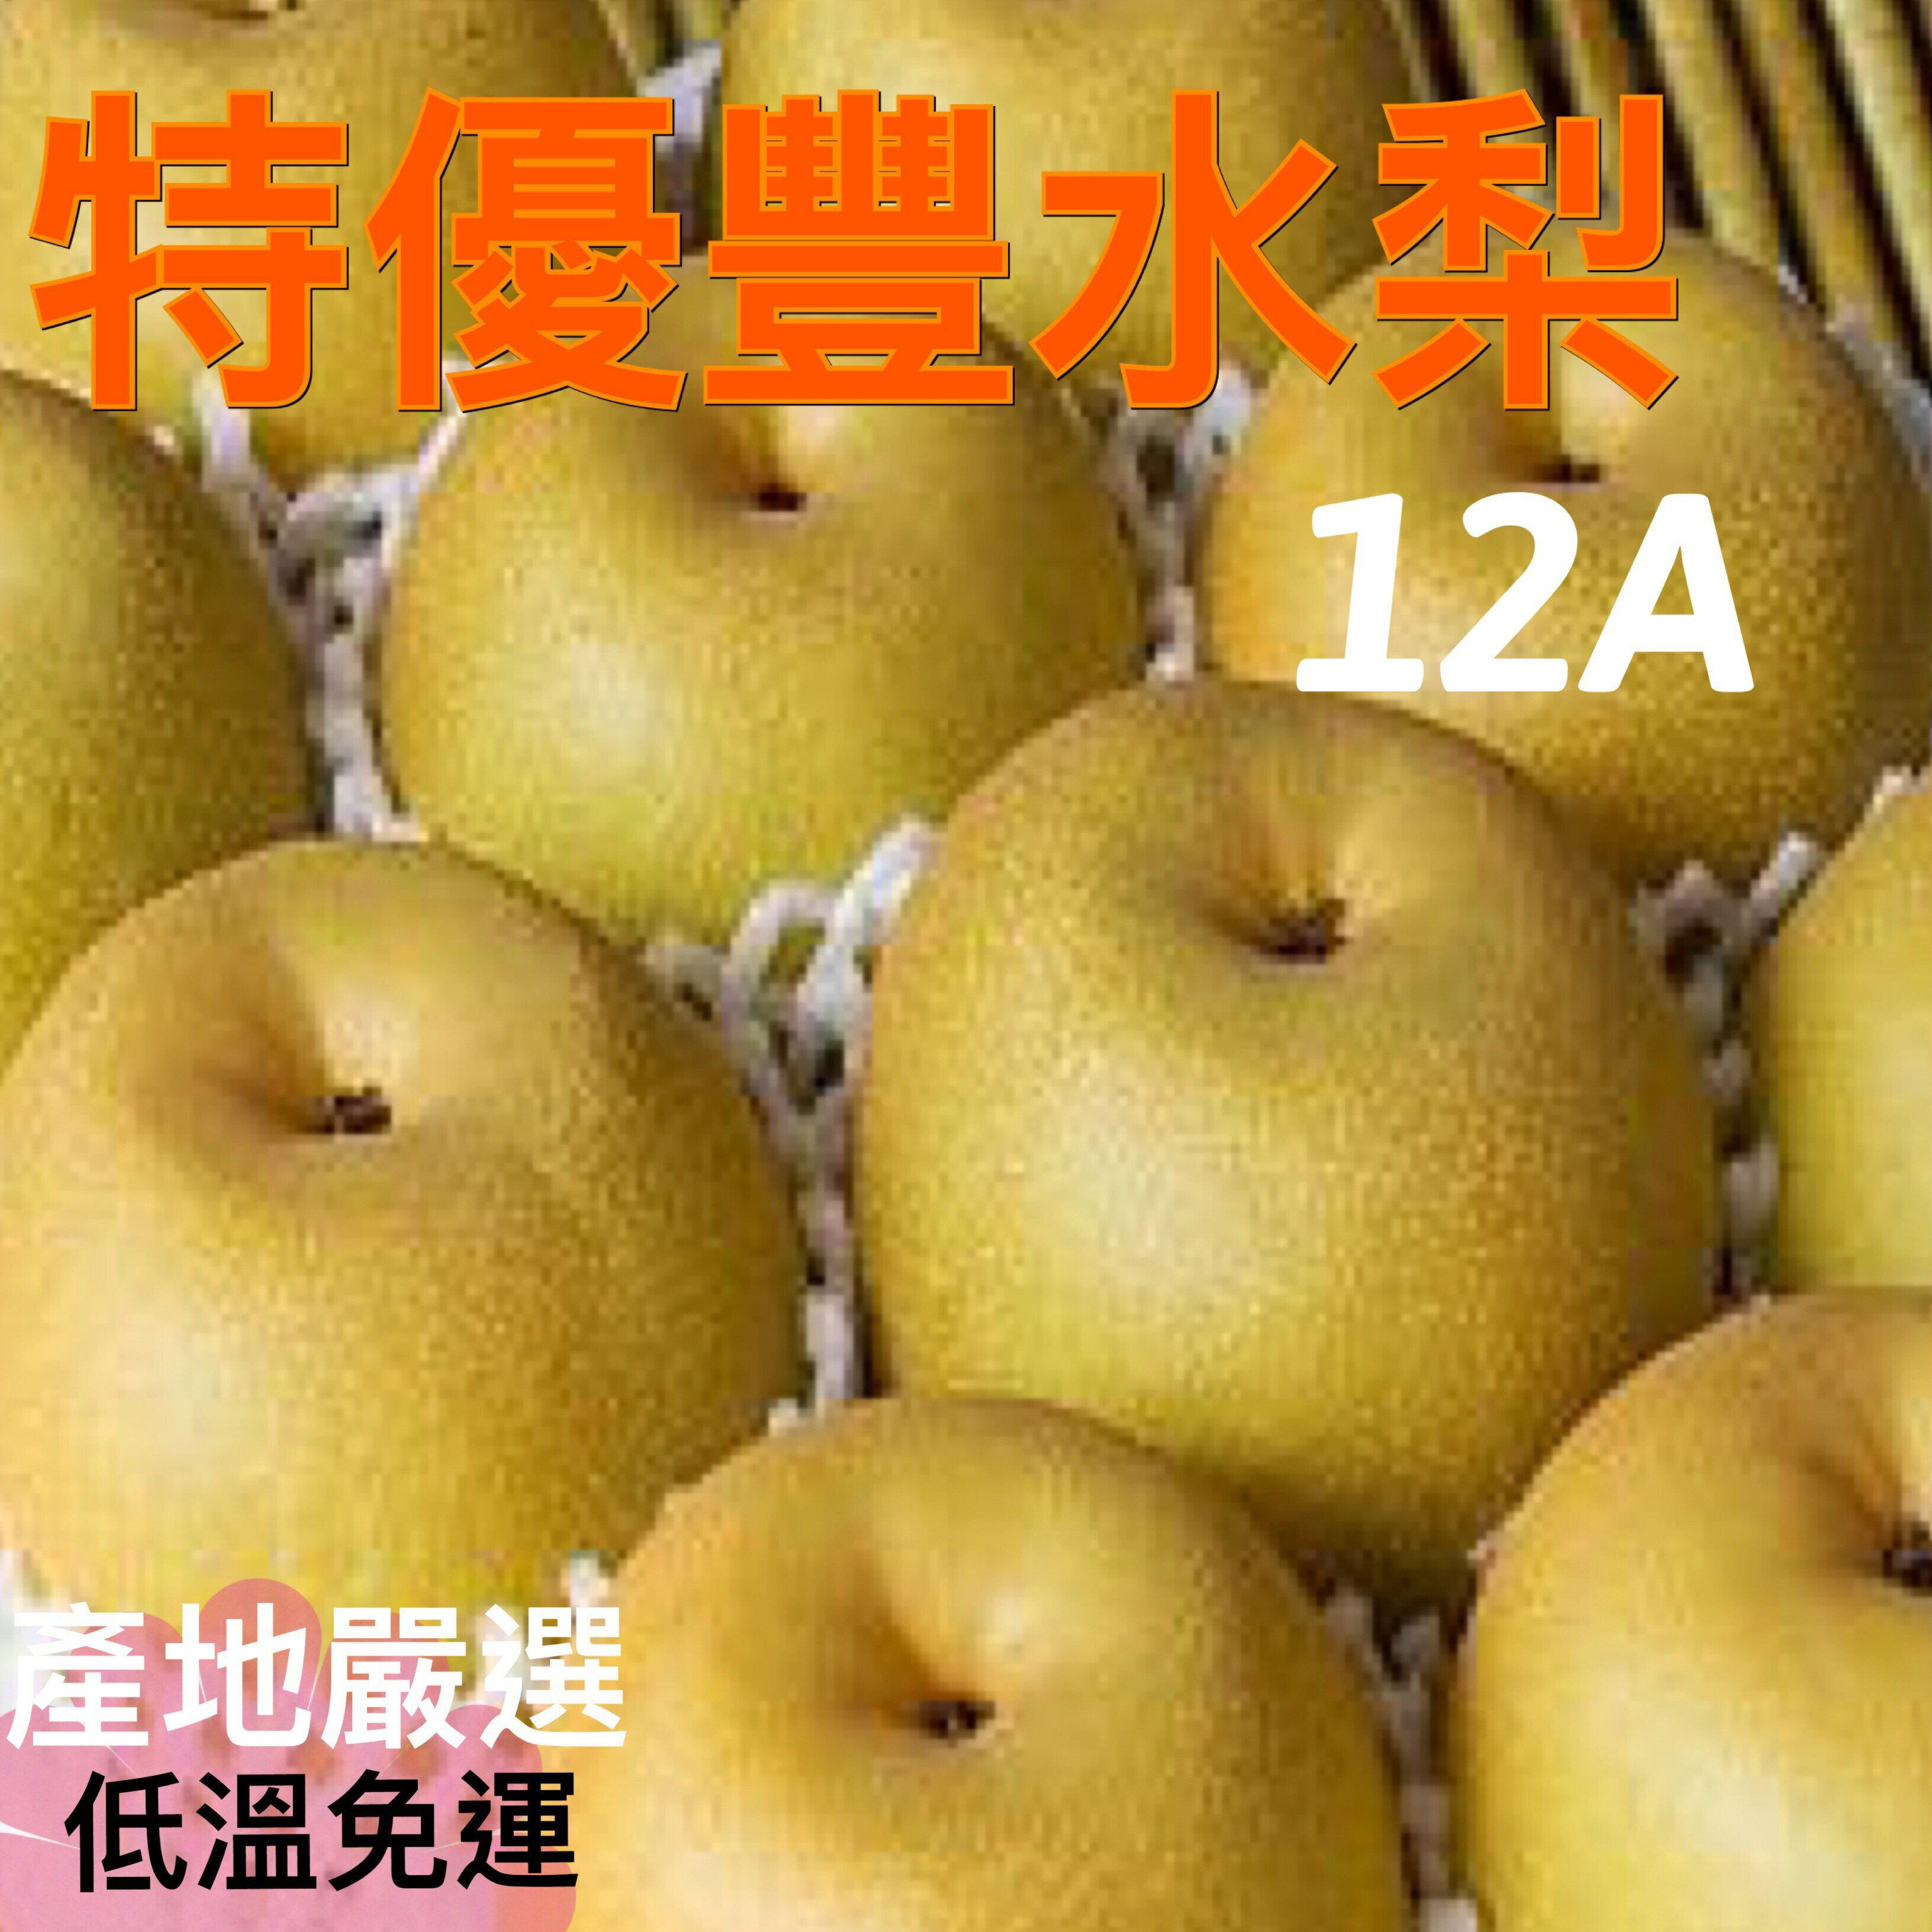 特優等〈低溫免運〉豐水梨禮盒10粒裝【皇家果物】